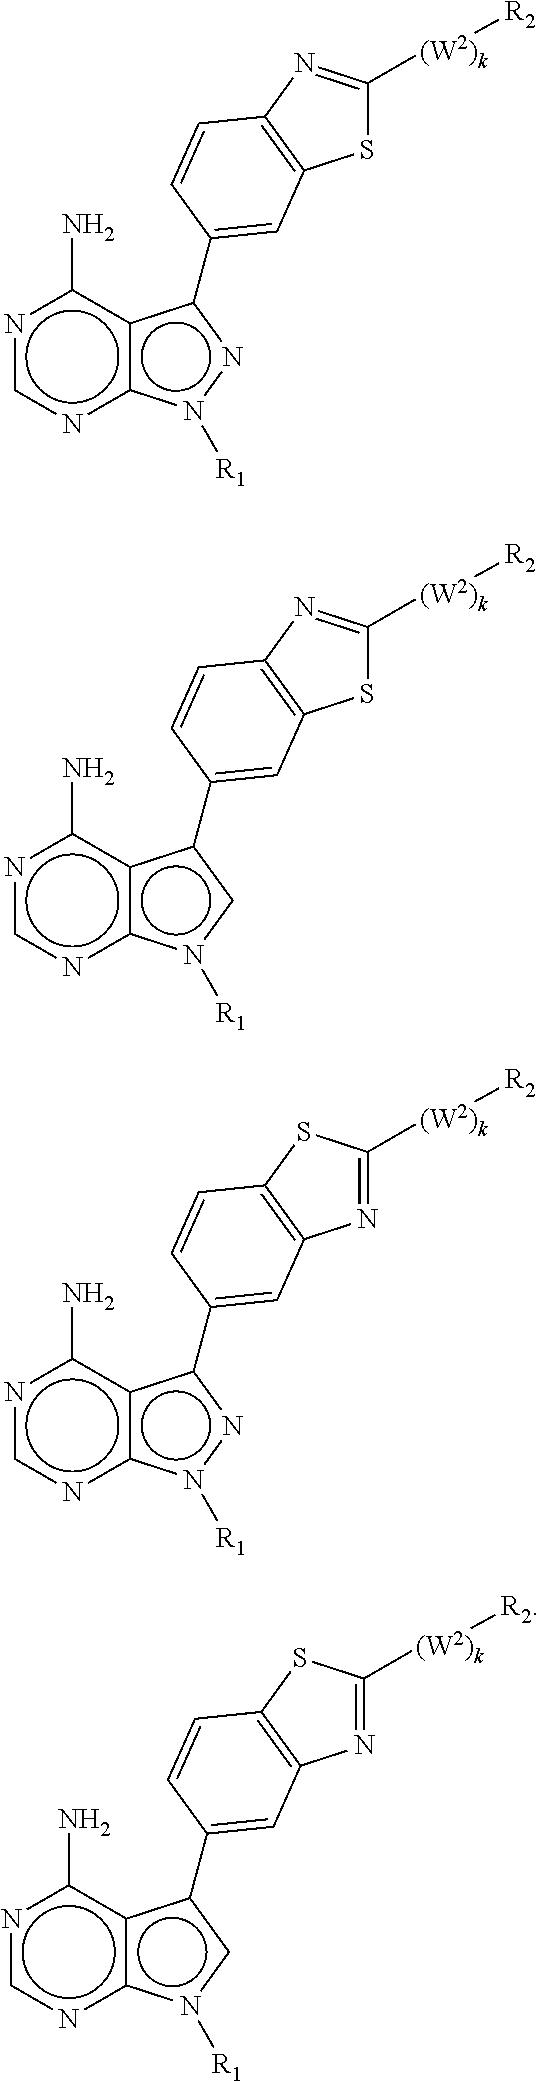 Figure US20160038497A1-20160211-C00047